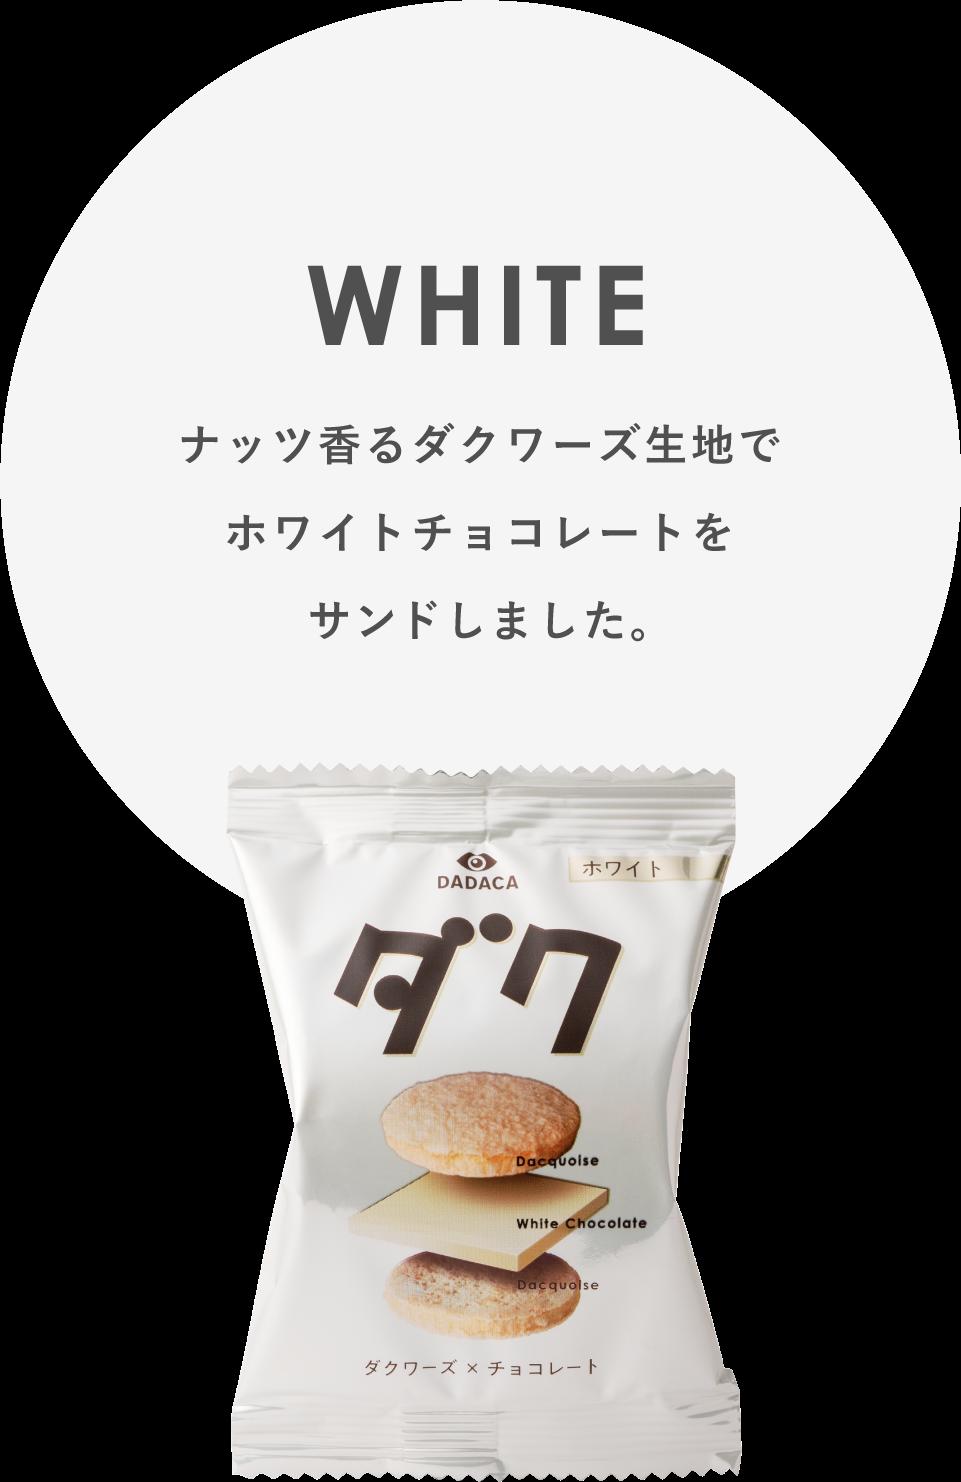 ナッツ香るダクワーズ生地でホワイトチョコレートをサンドしました。